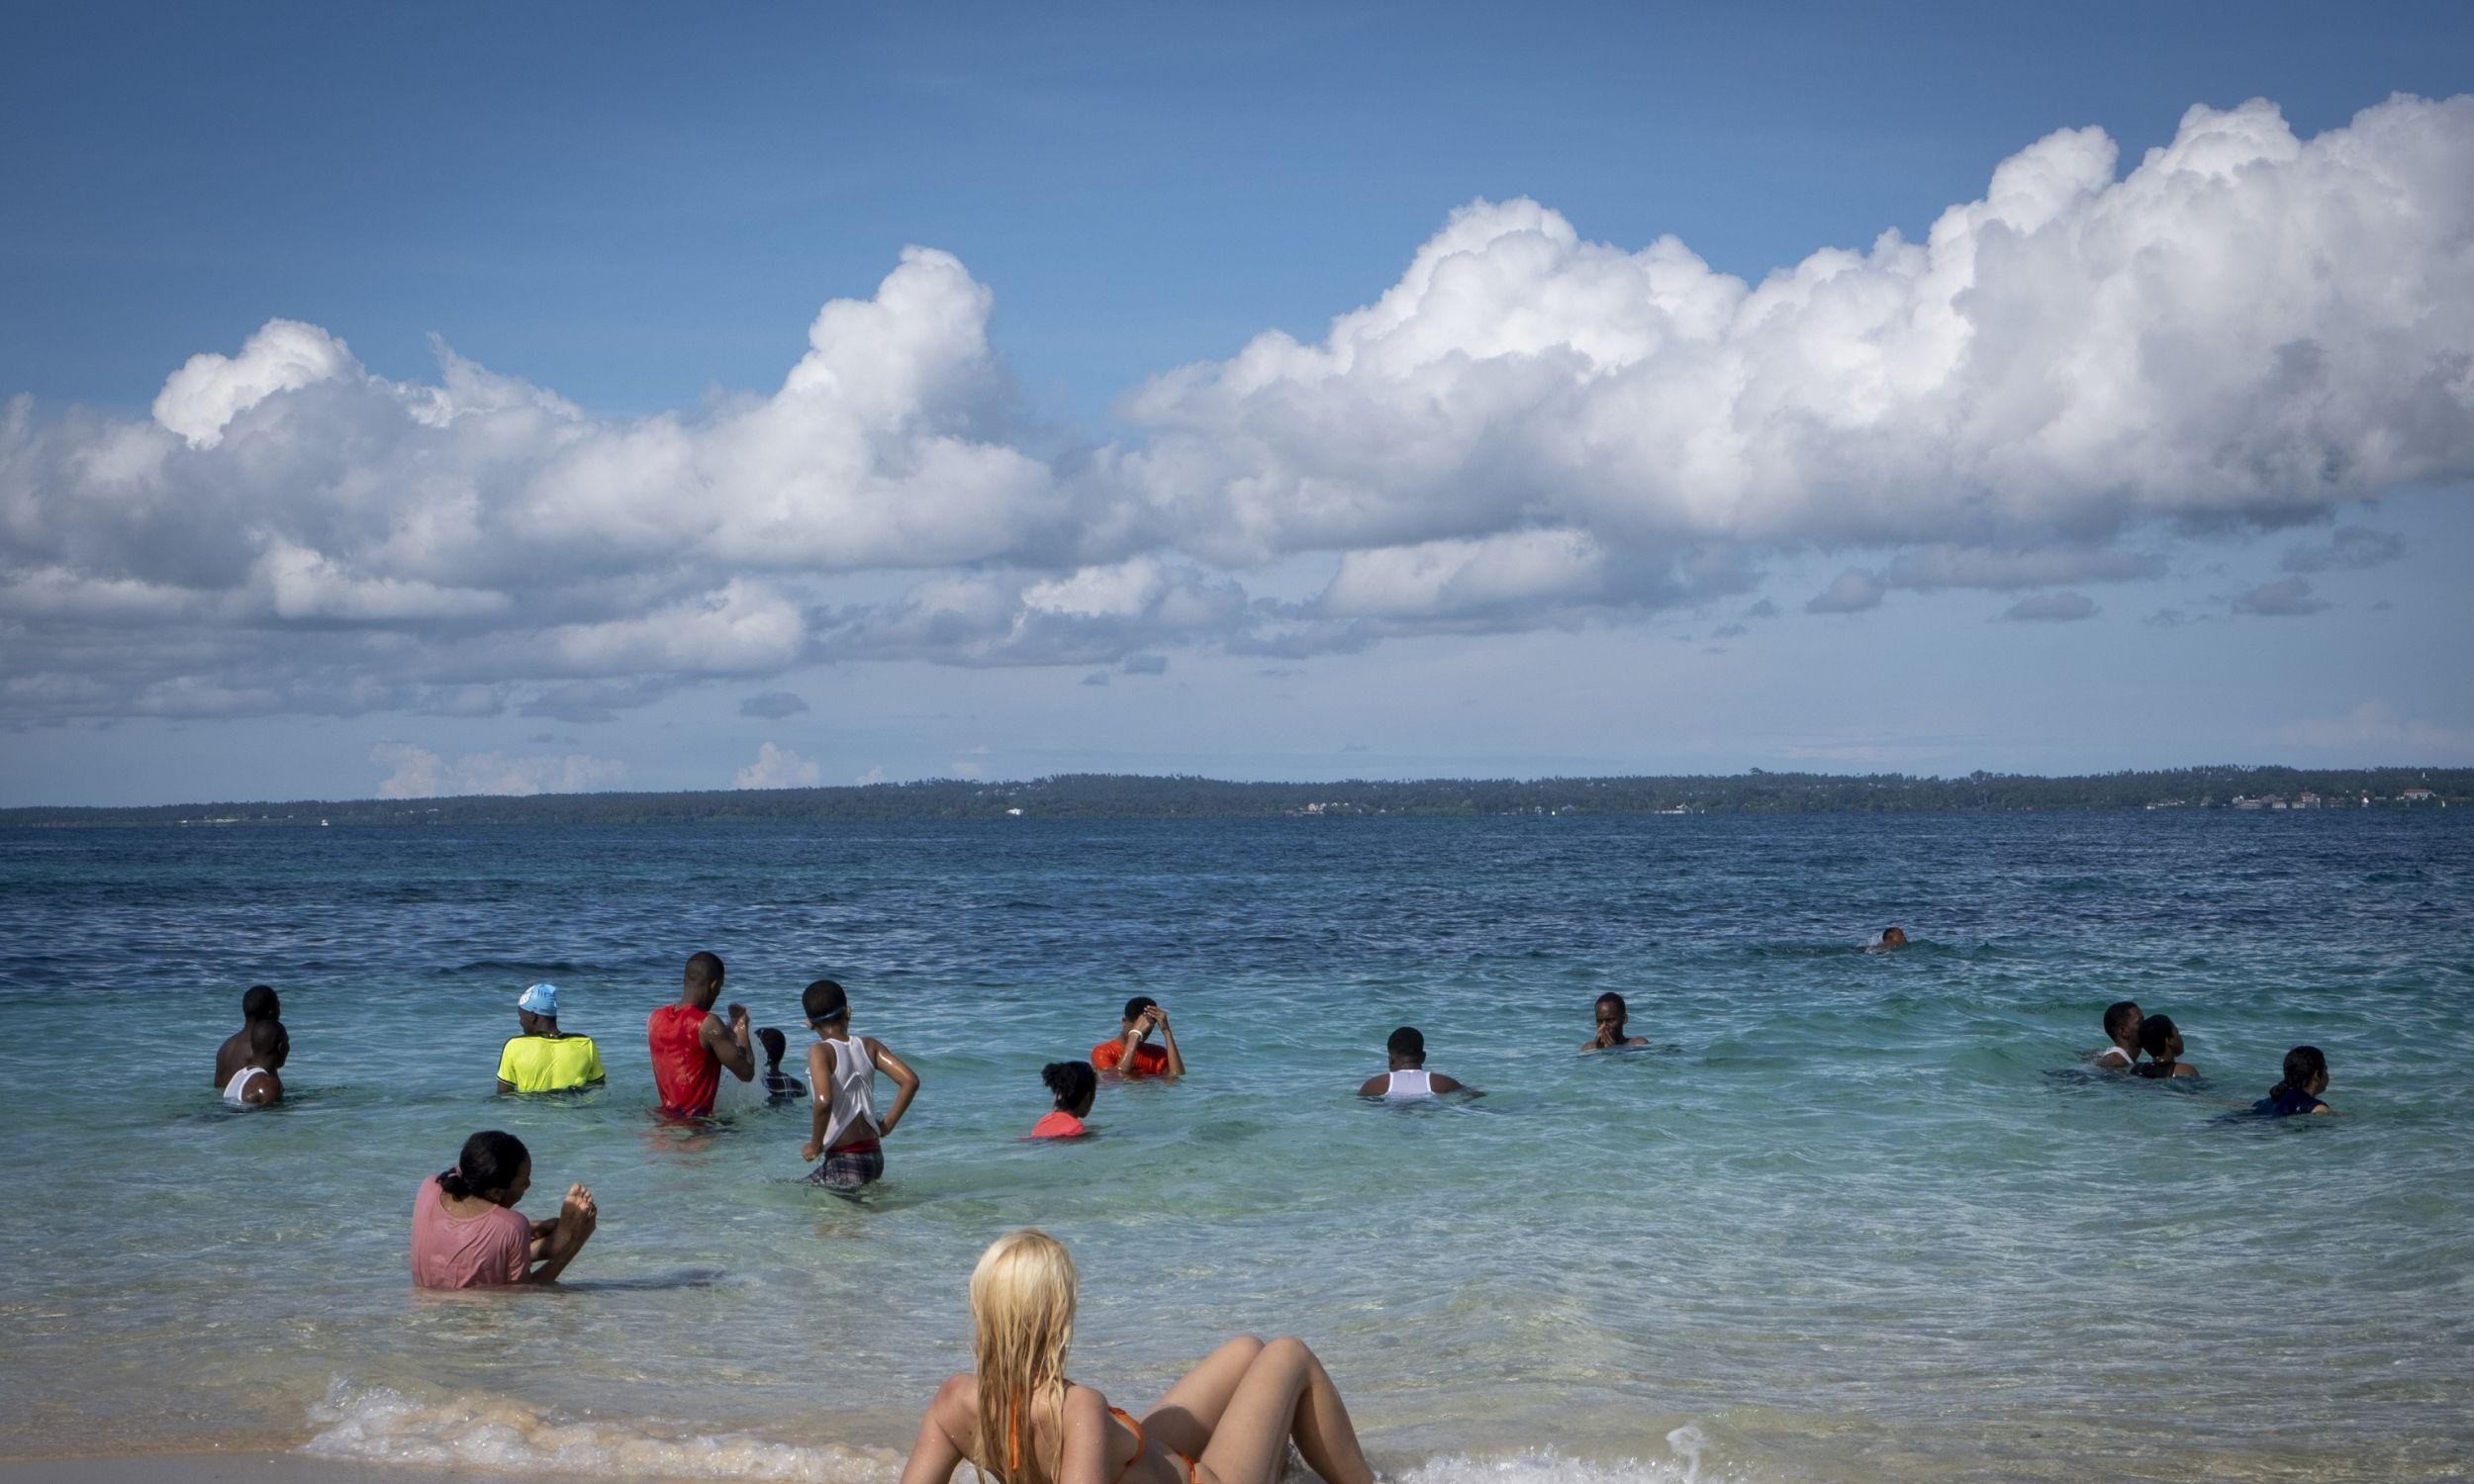 Kto by się przejmował antycovidowymi zaleceniami w takich okolicznościach? Plaża na wyspie Changuu Fot. Andrew Aitchison / In pictures via Getty Image